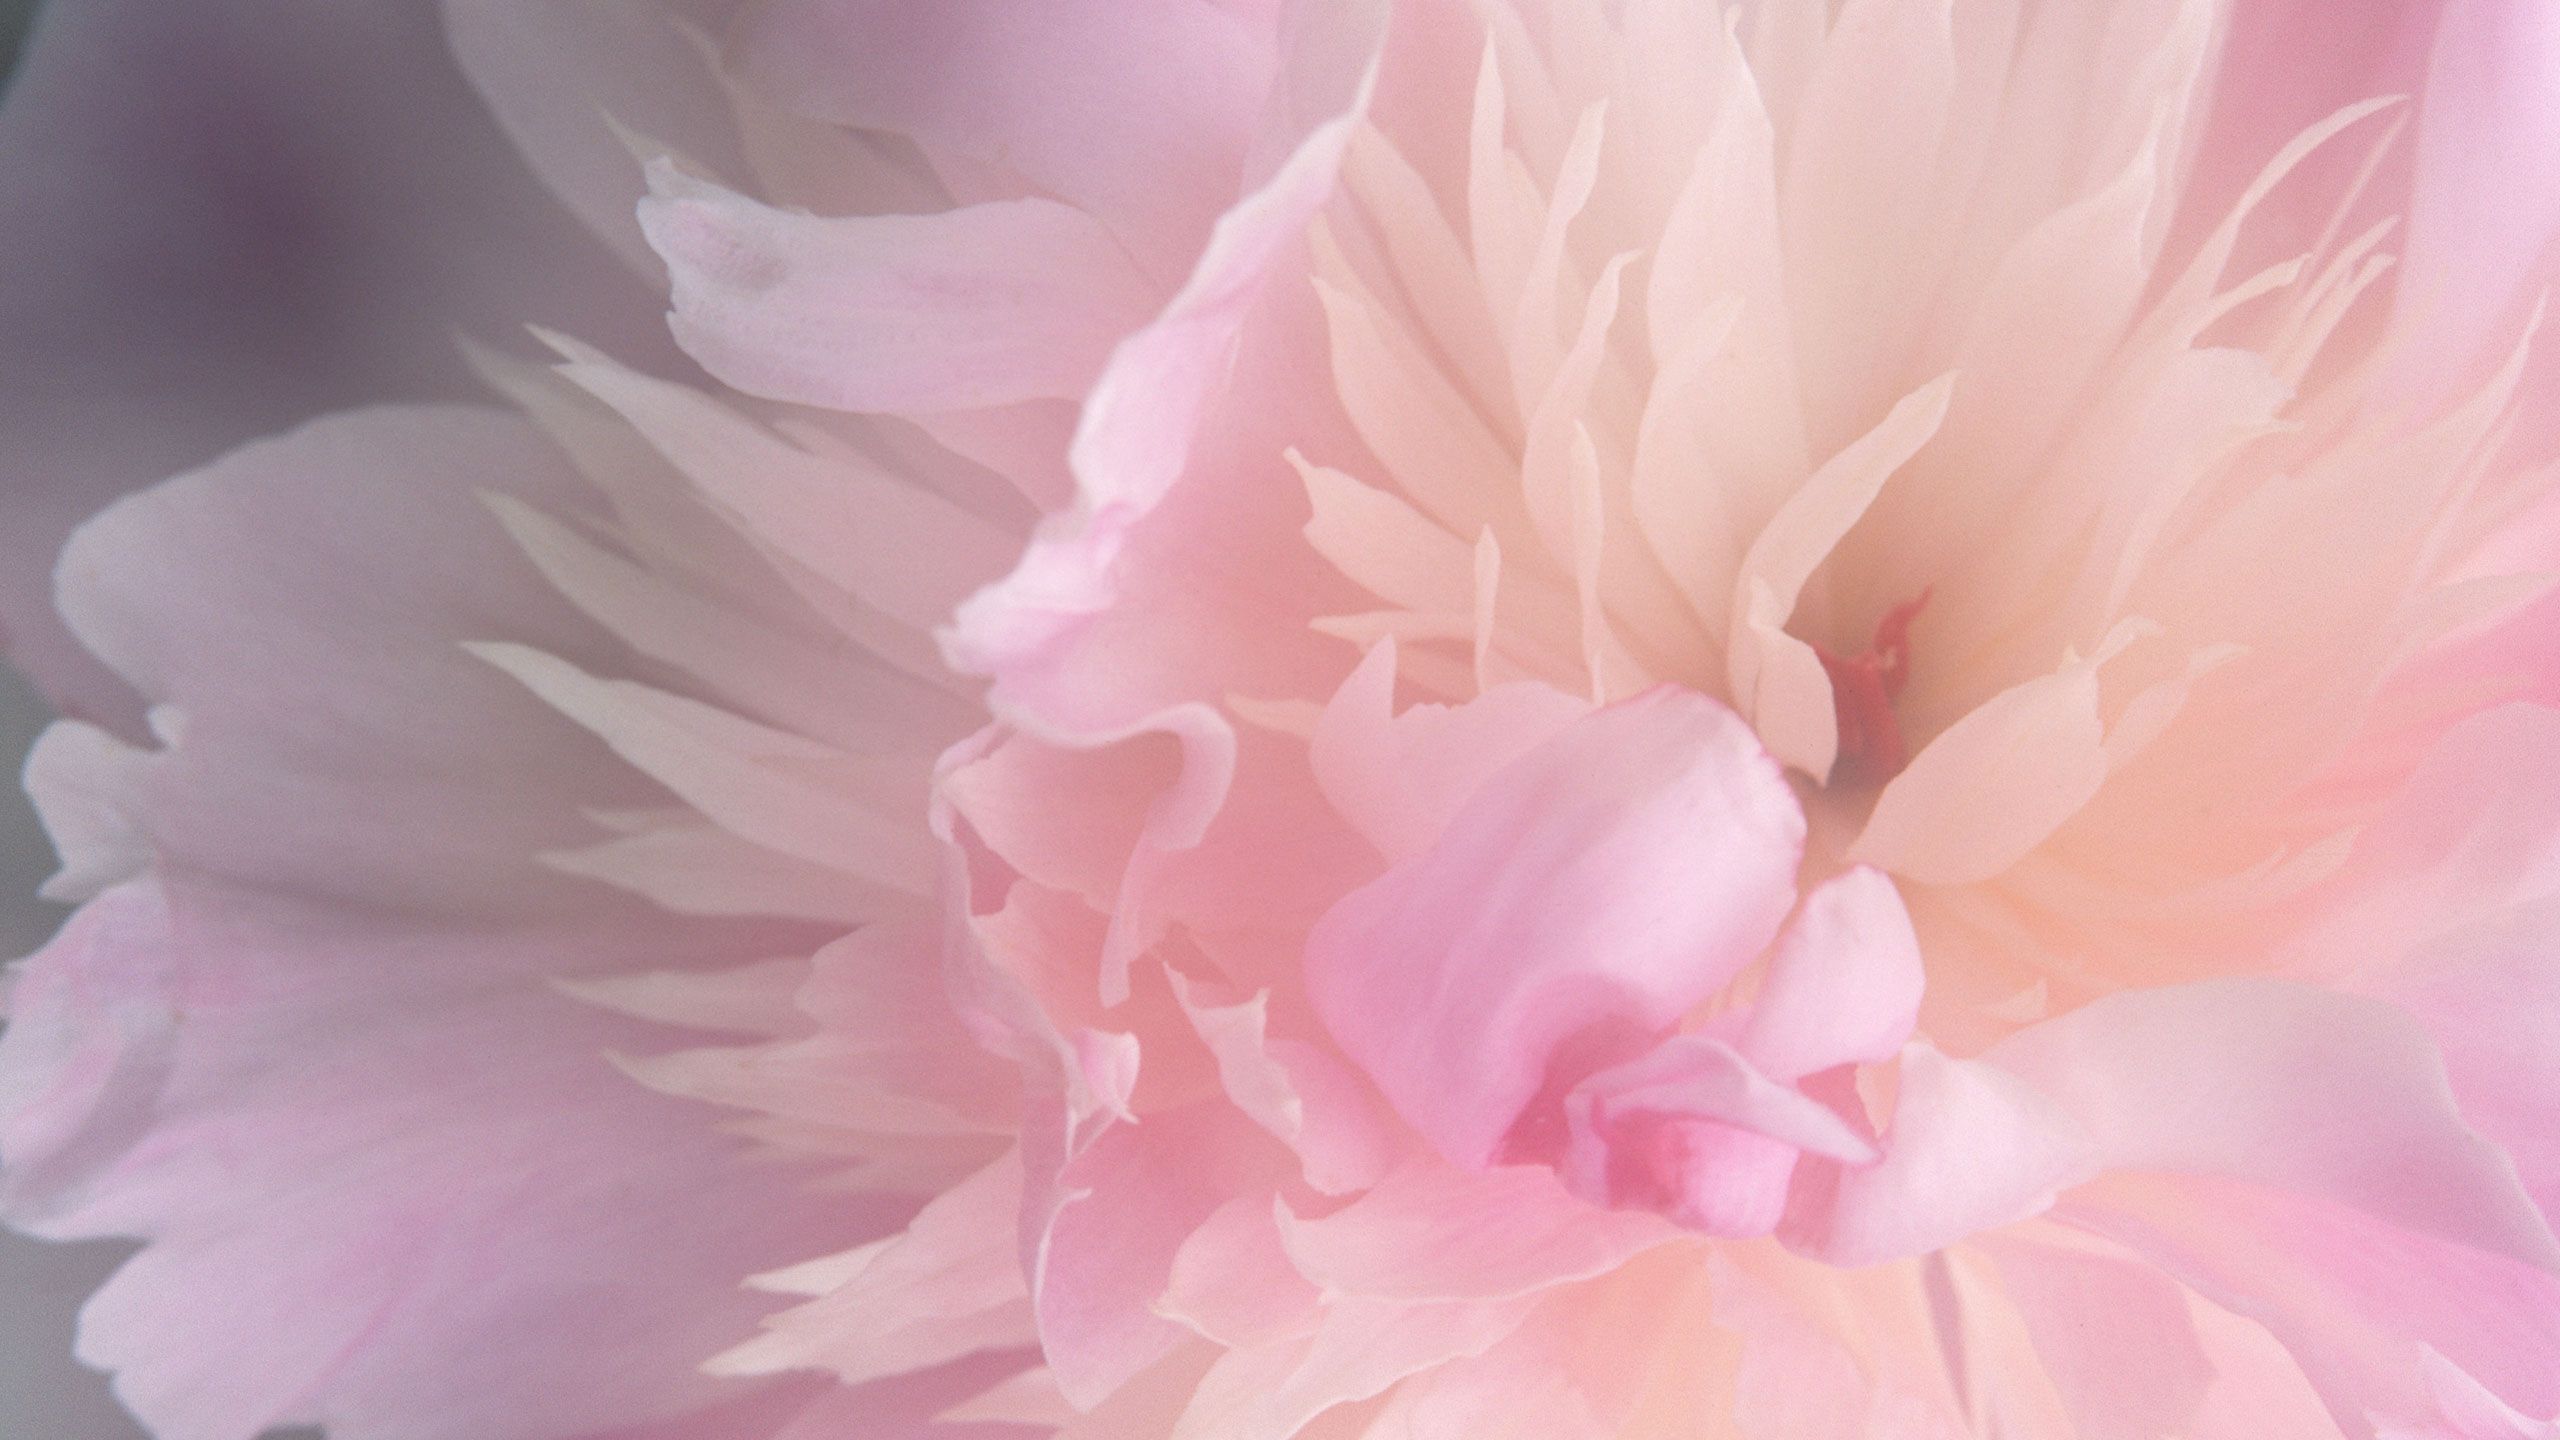 Pink Peonies Wallpaper - WallpaperSafari